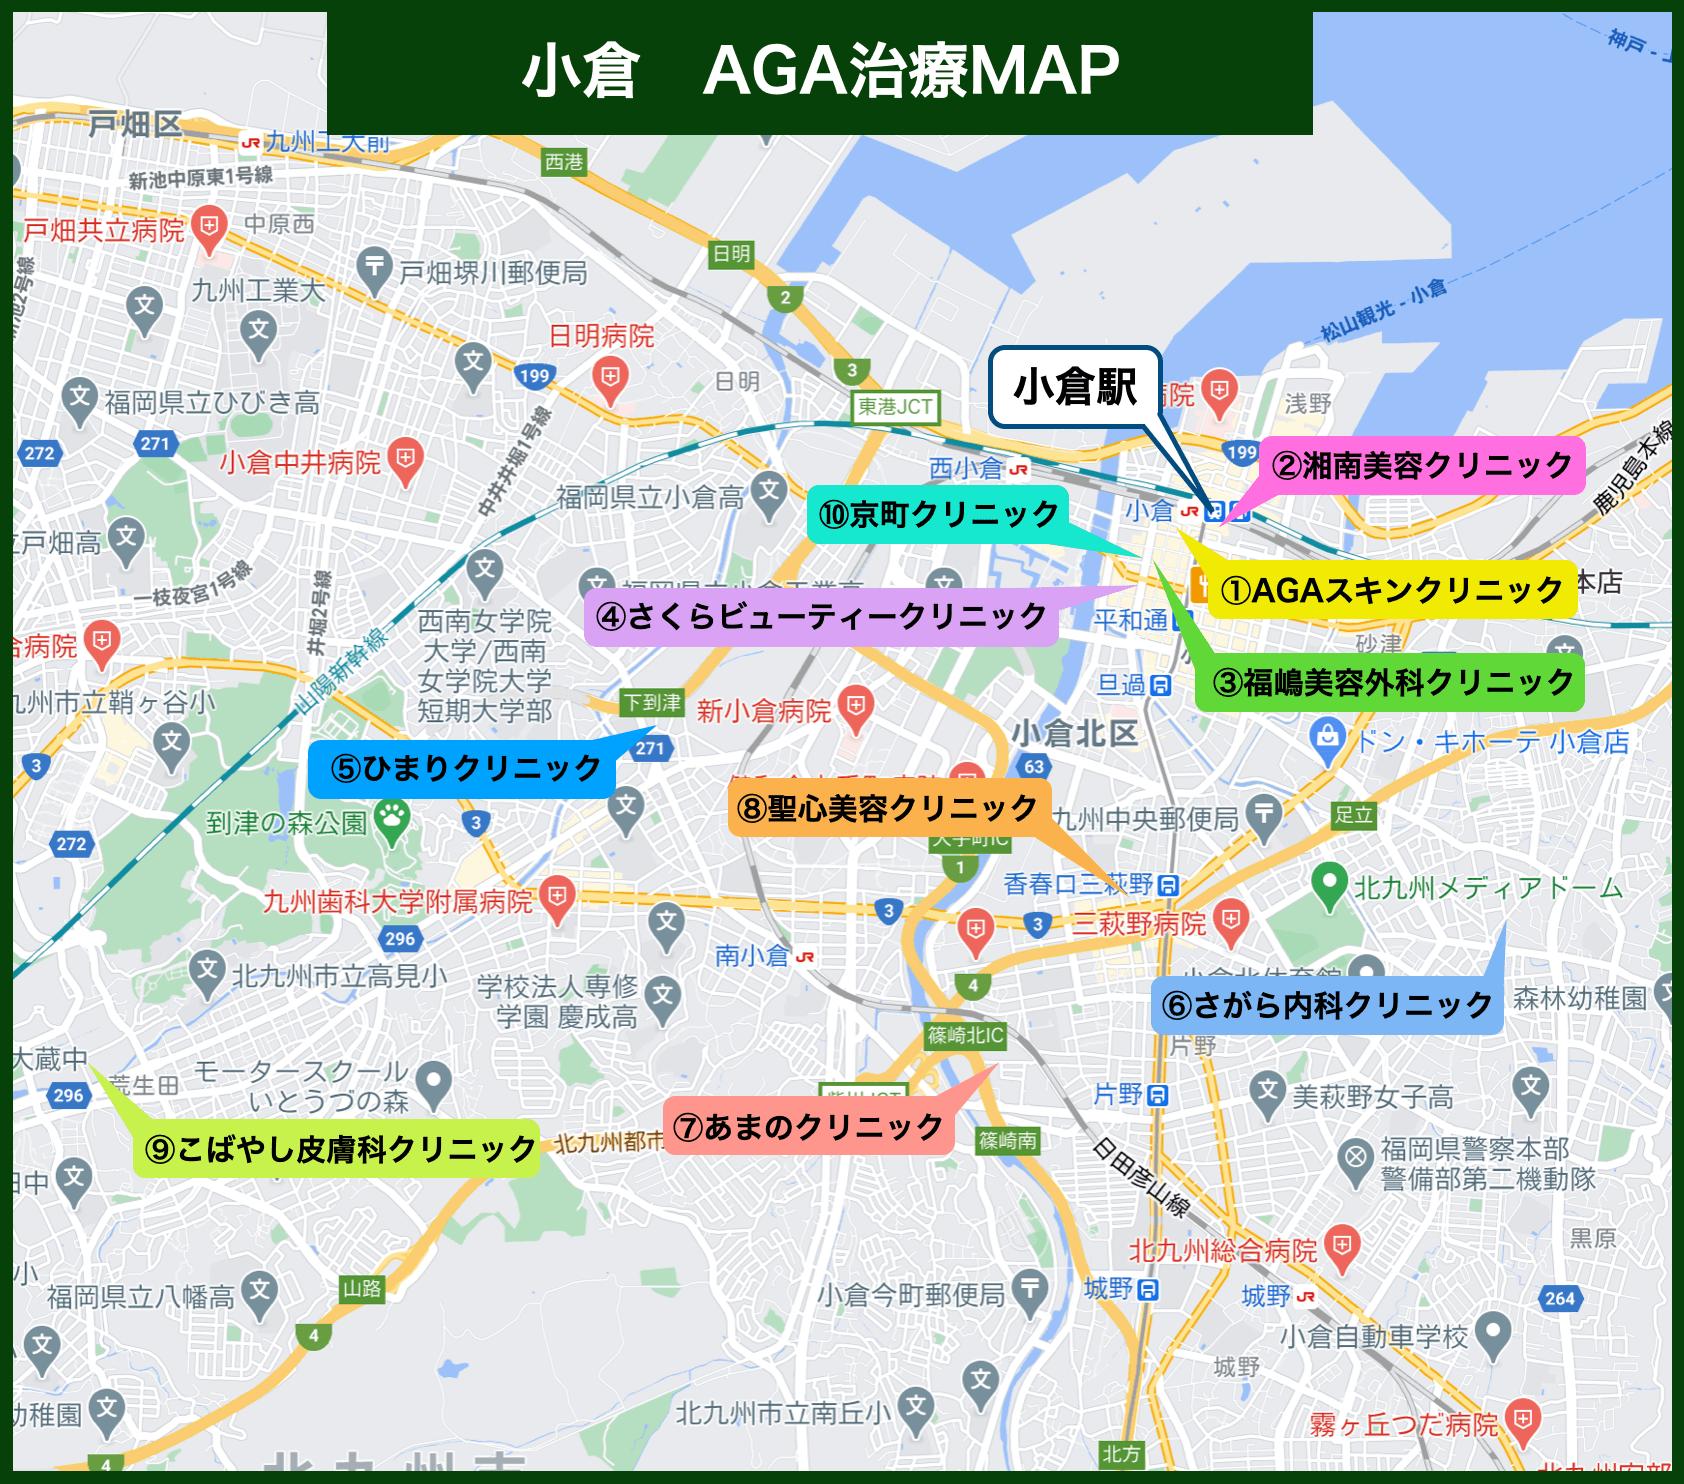 小倉 AGA治療MAP